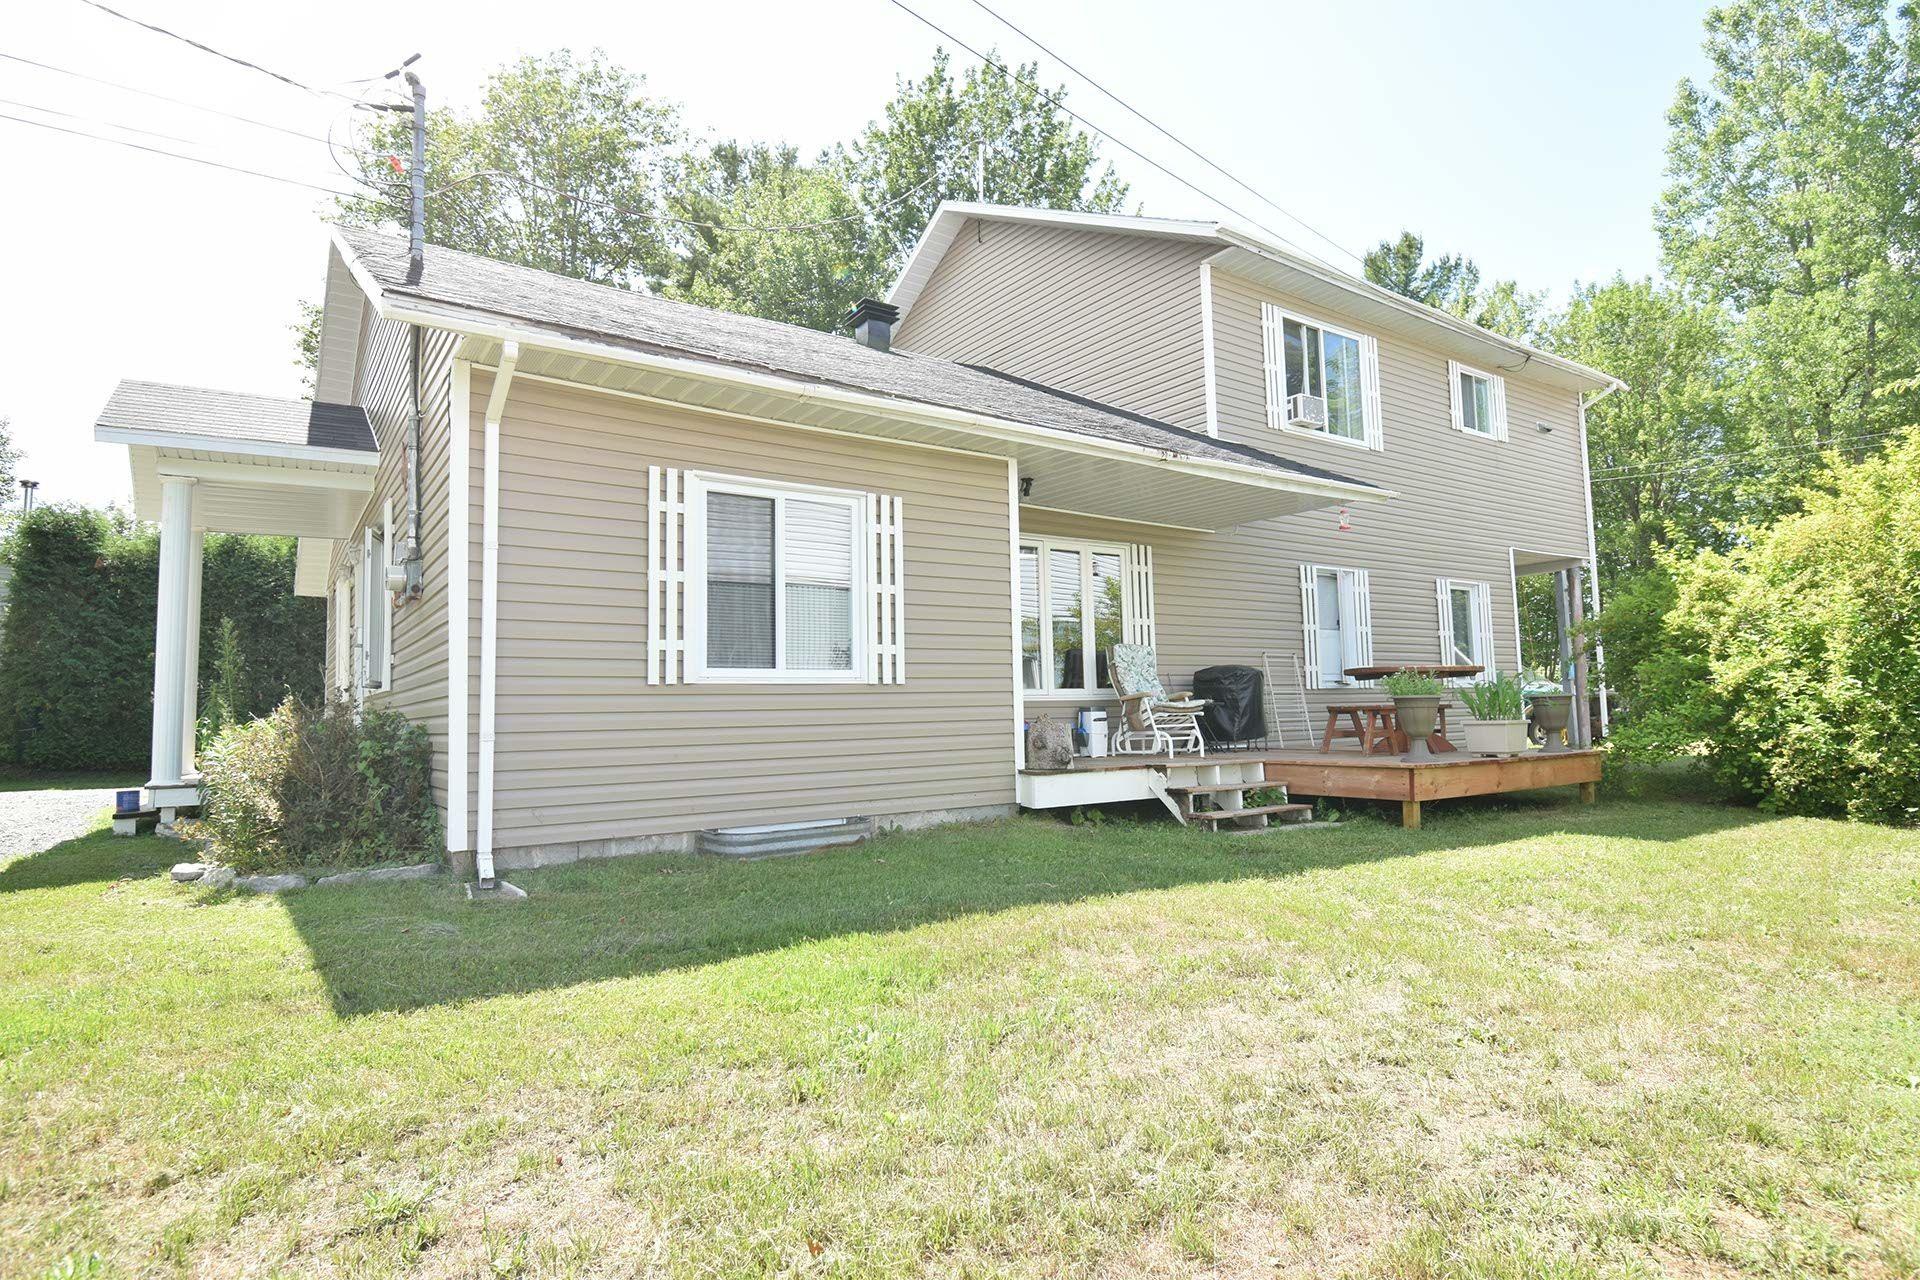 image 1 - Immeuble à revenus À vendre Trois-Rivières - 5 pièces